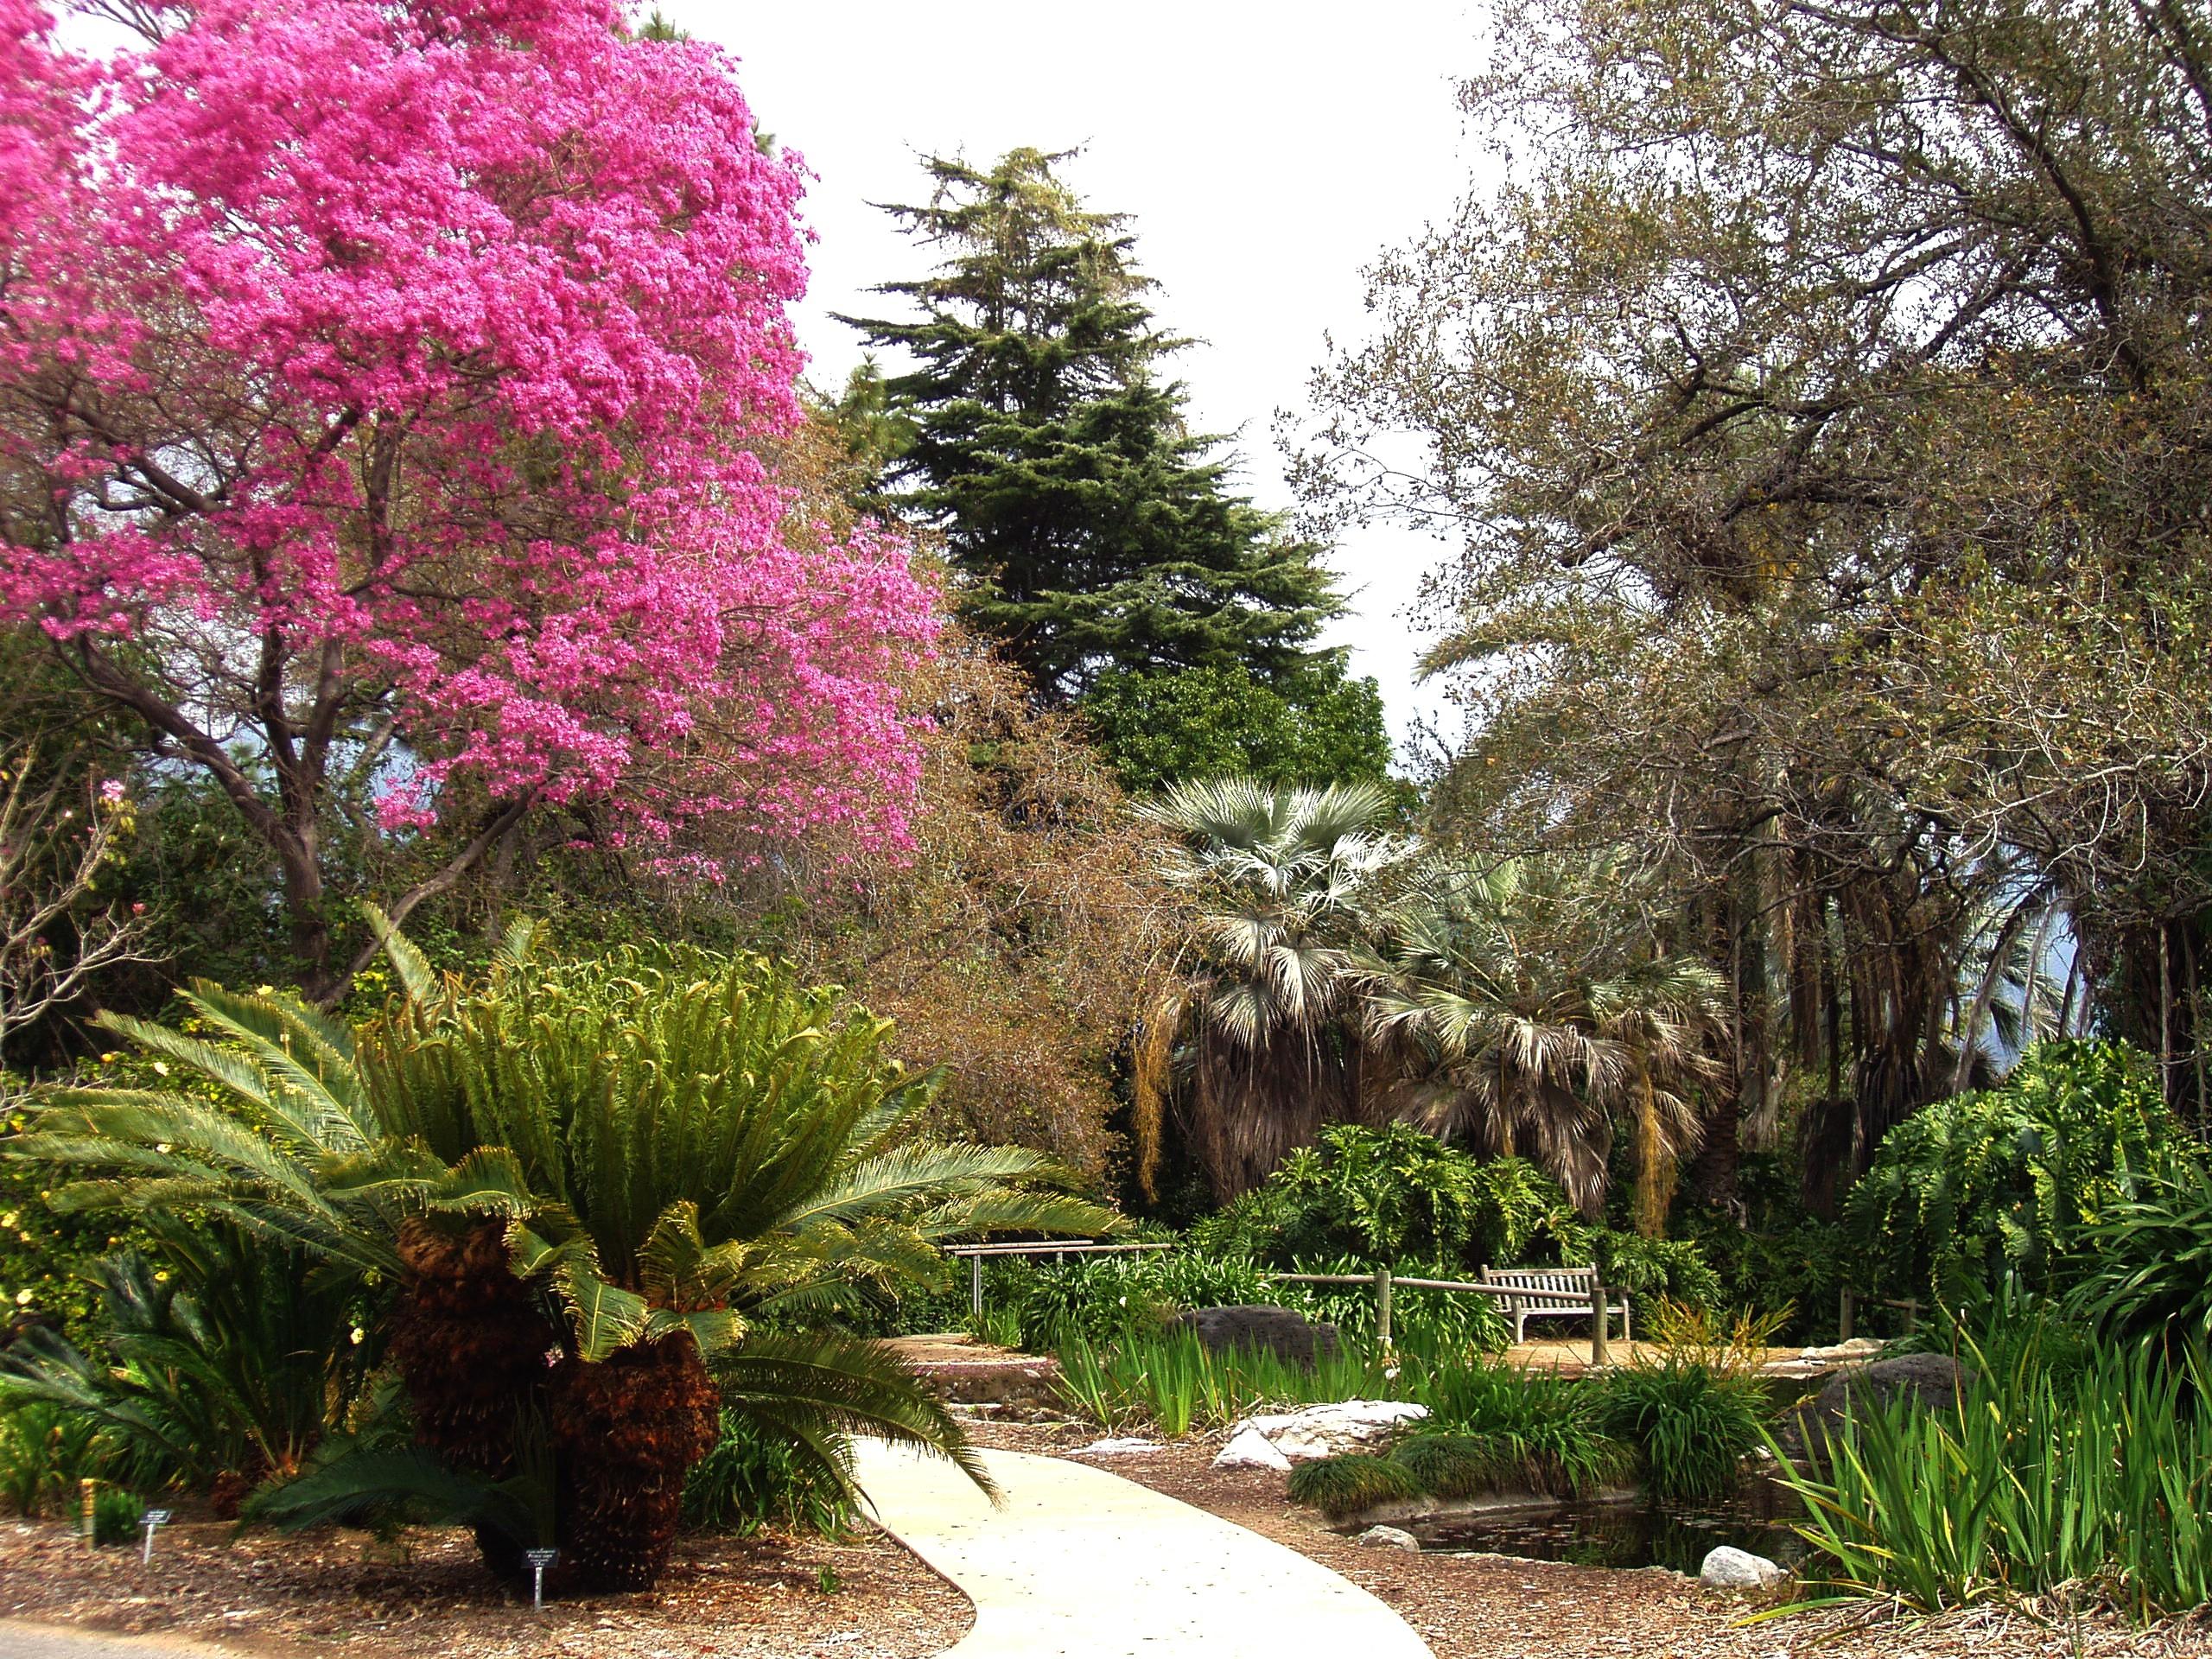 Incroyable File:LA County Arboretum   Knoll.JPG